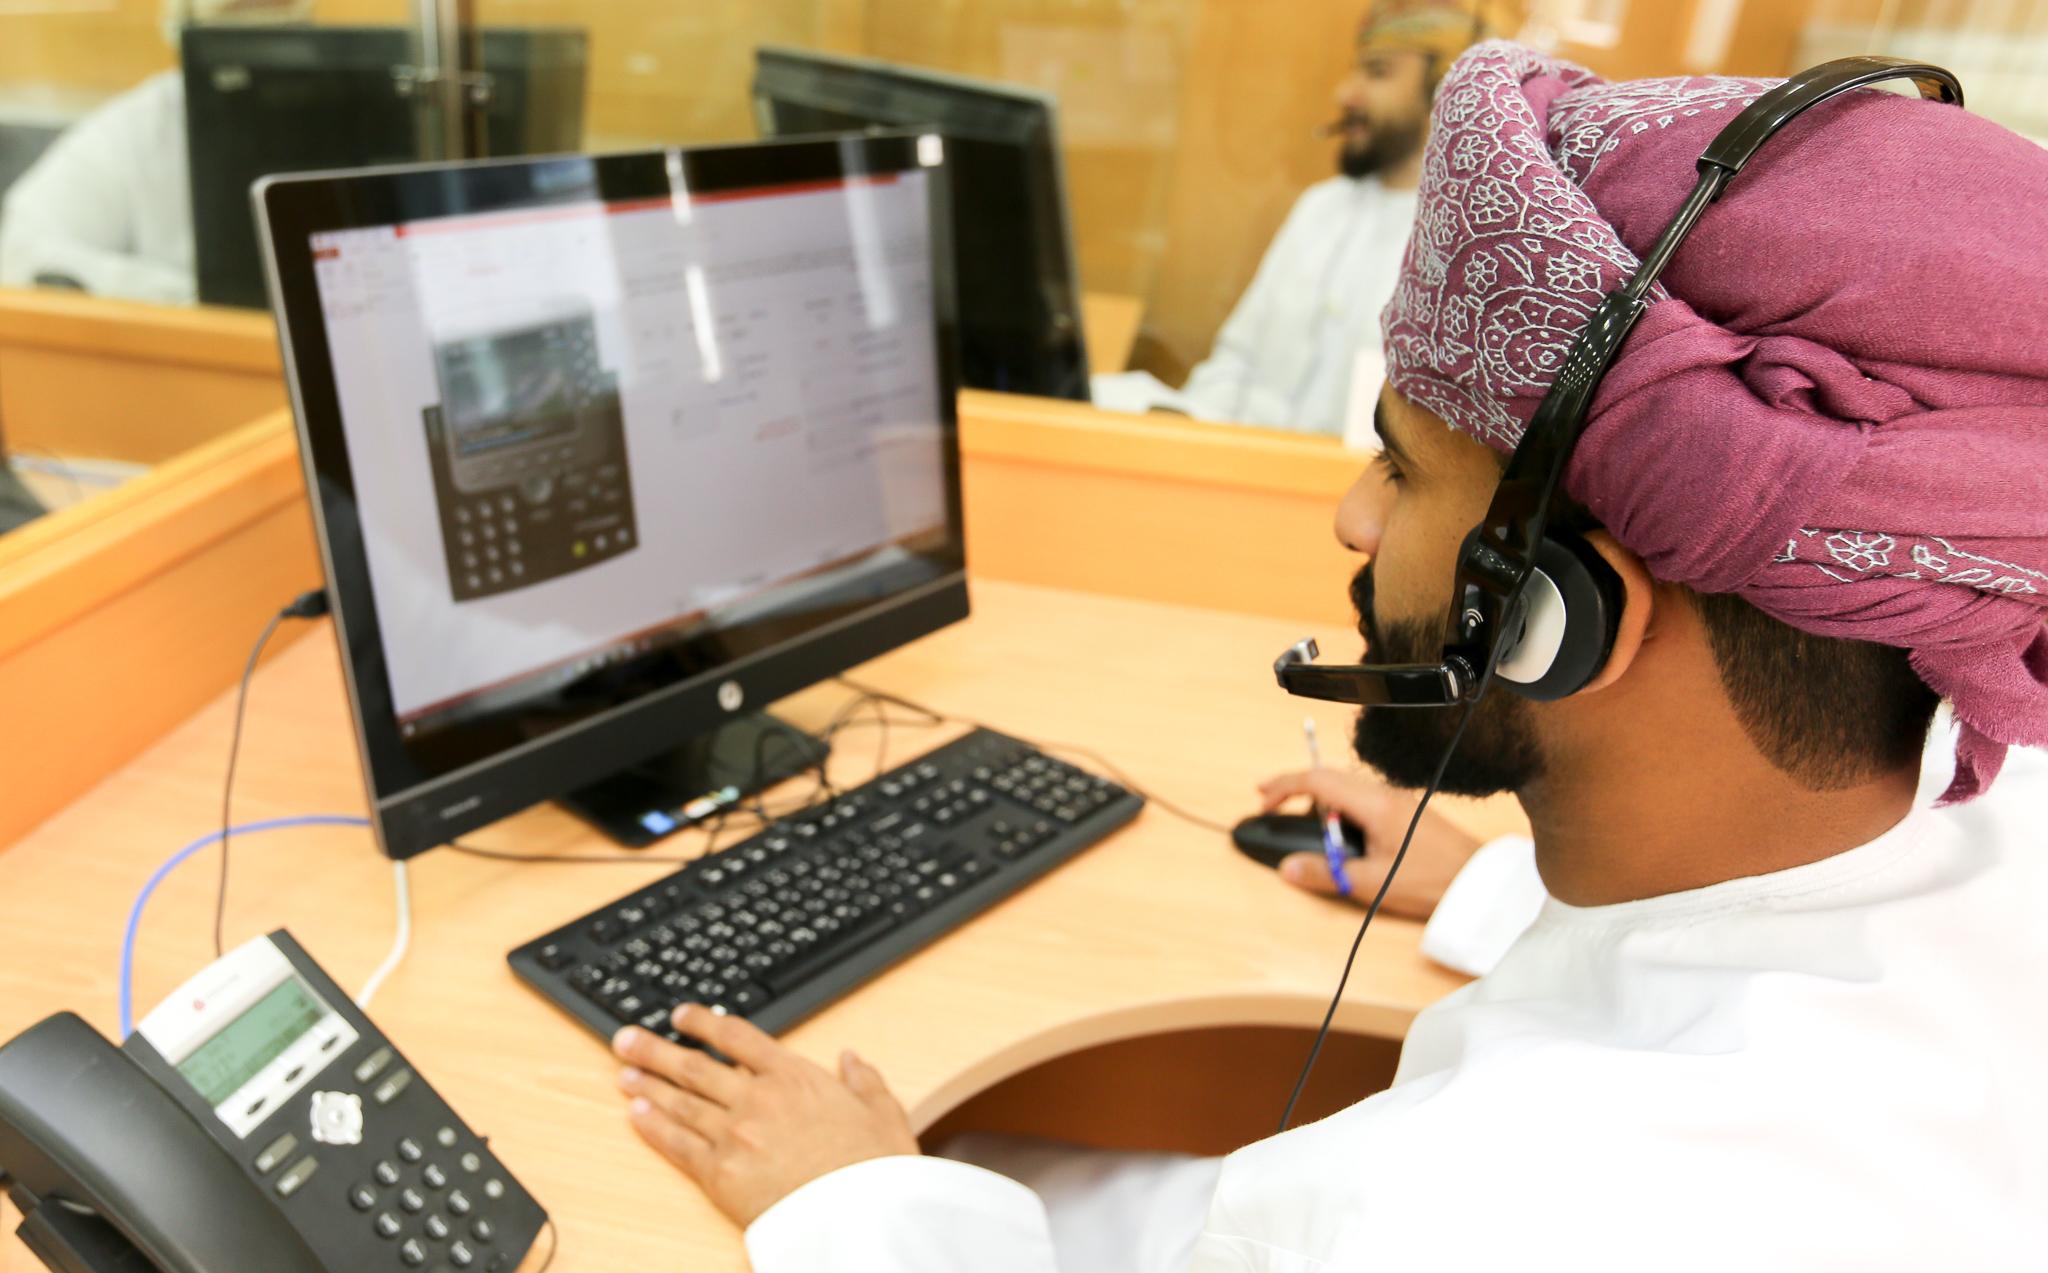 المركز الوطني للإحصاء والمعلومات ينفذ استطلاع الرأي حول وسائل التواصل الاجتماعي